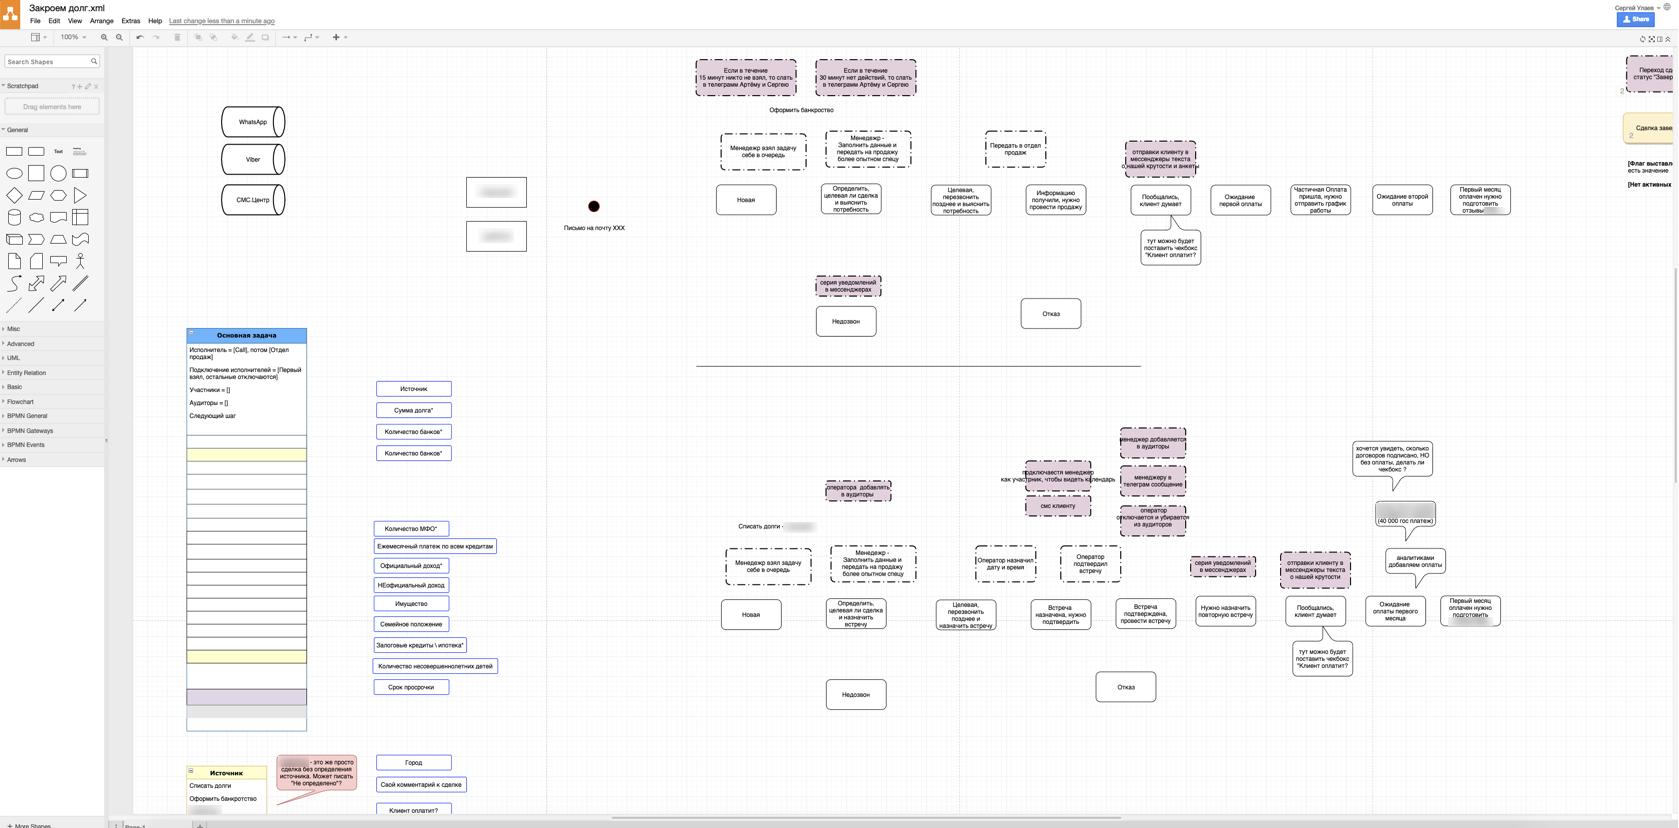 Наброски в результате работы над архитектурой информационной системы на базе ПланФикса